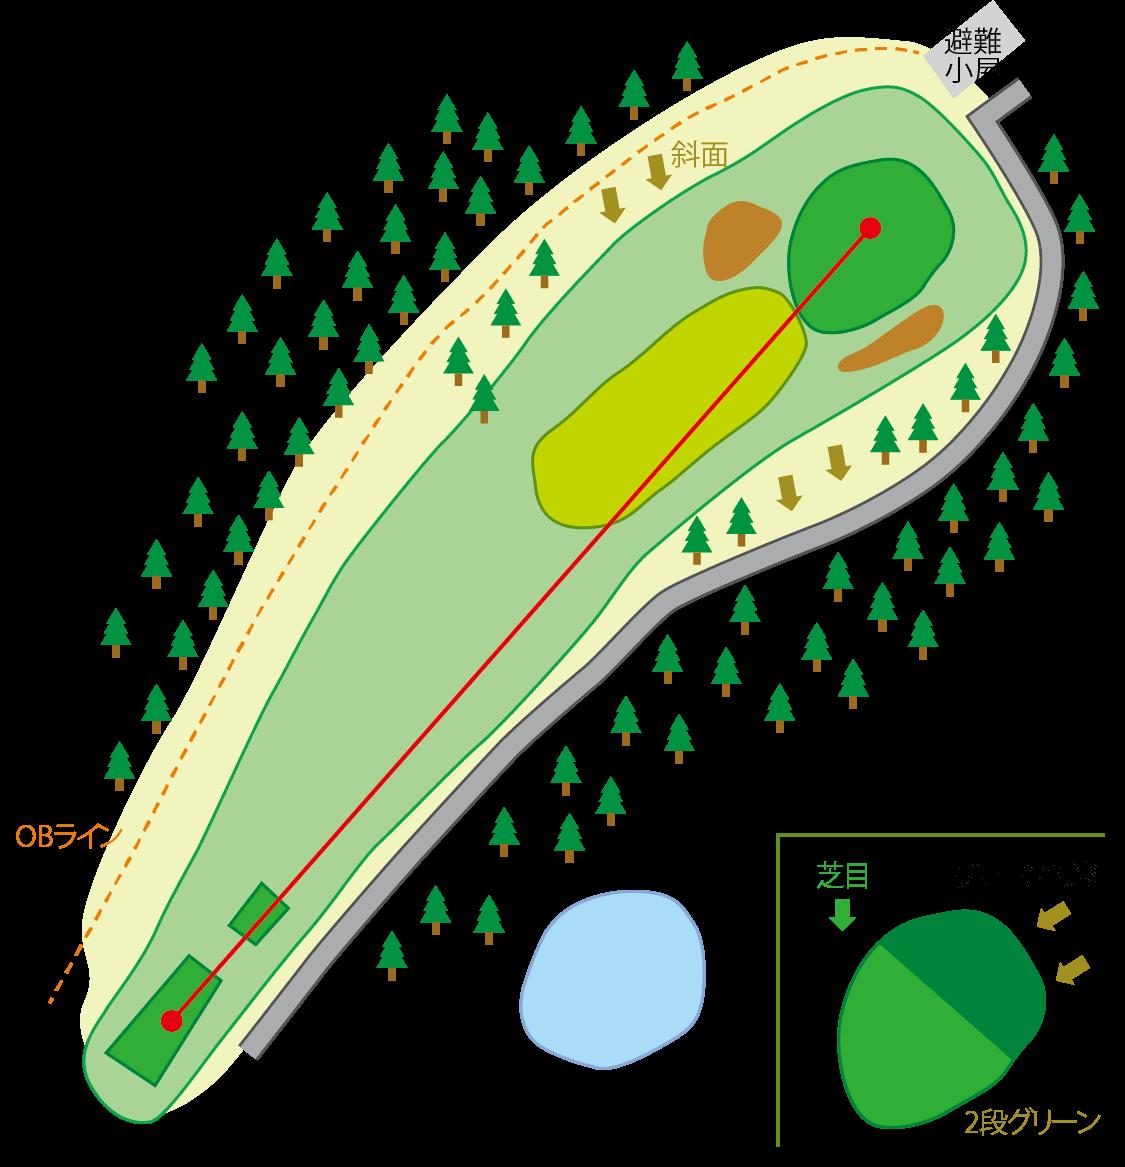 白鳥コース HOLE7のコースマップ